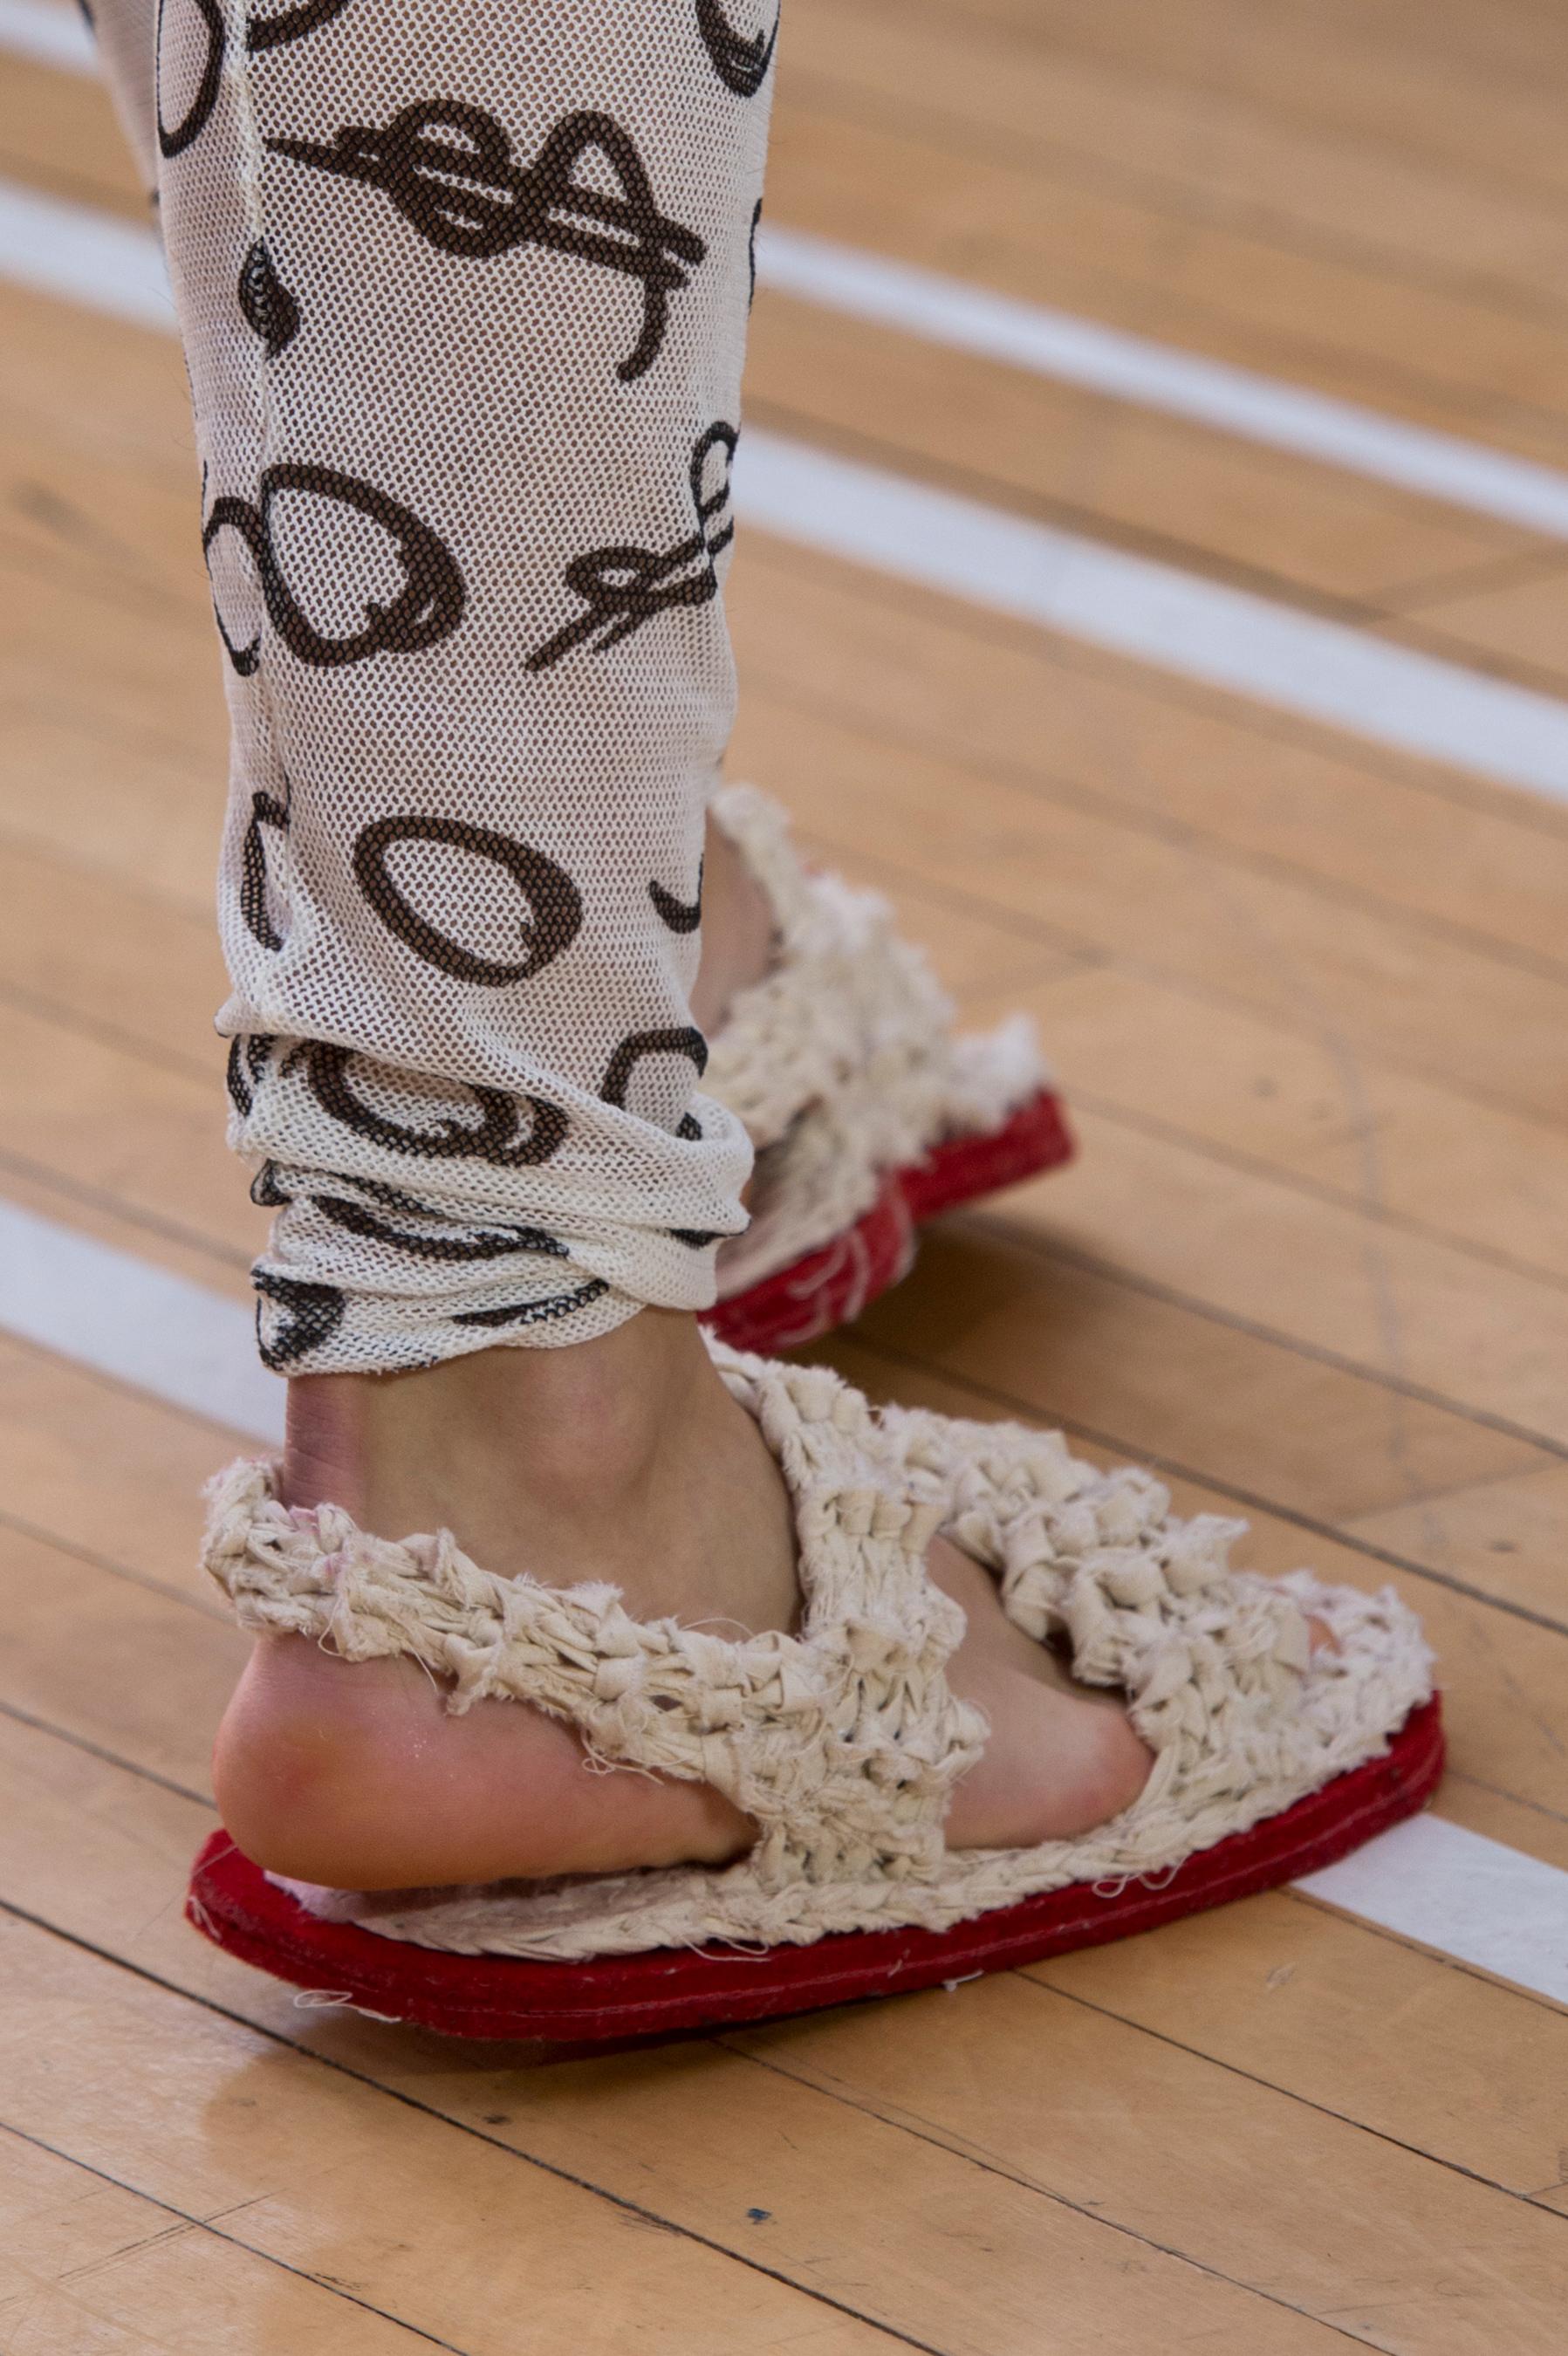 Vivienne Westwood весна лето 2018 сандалии